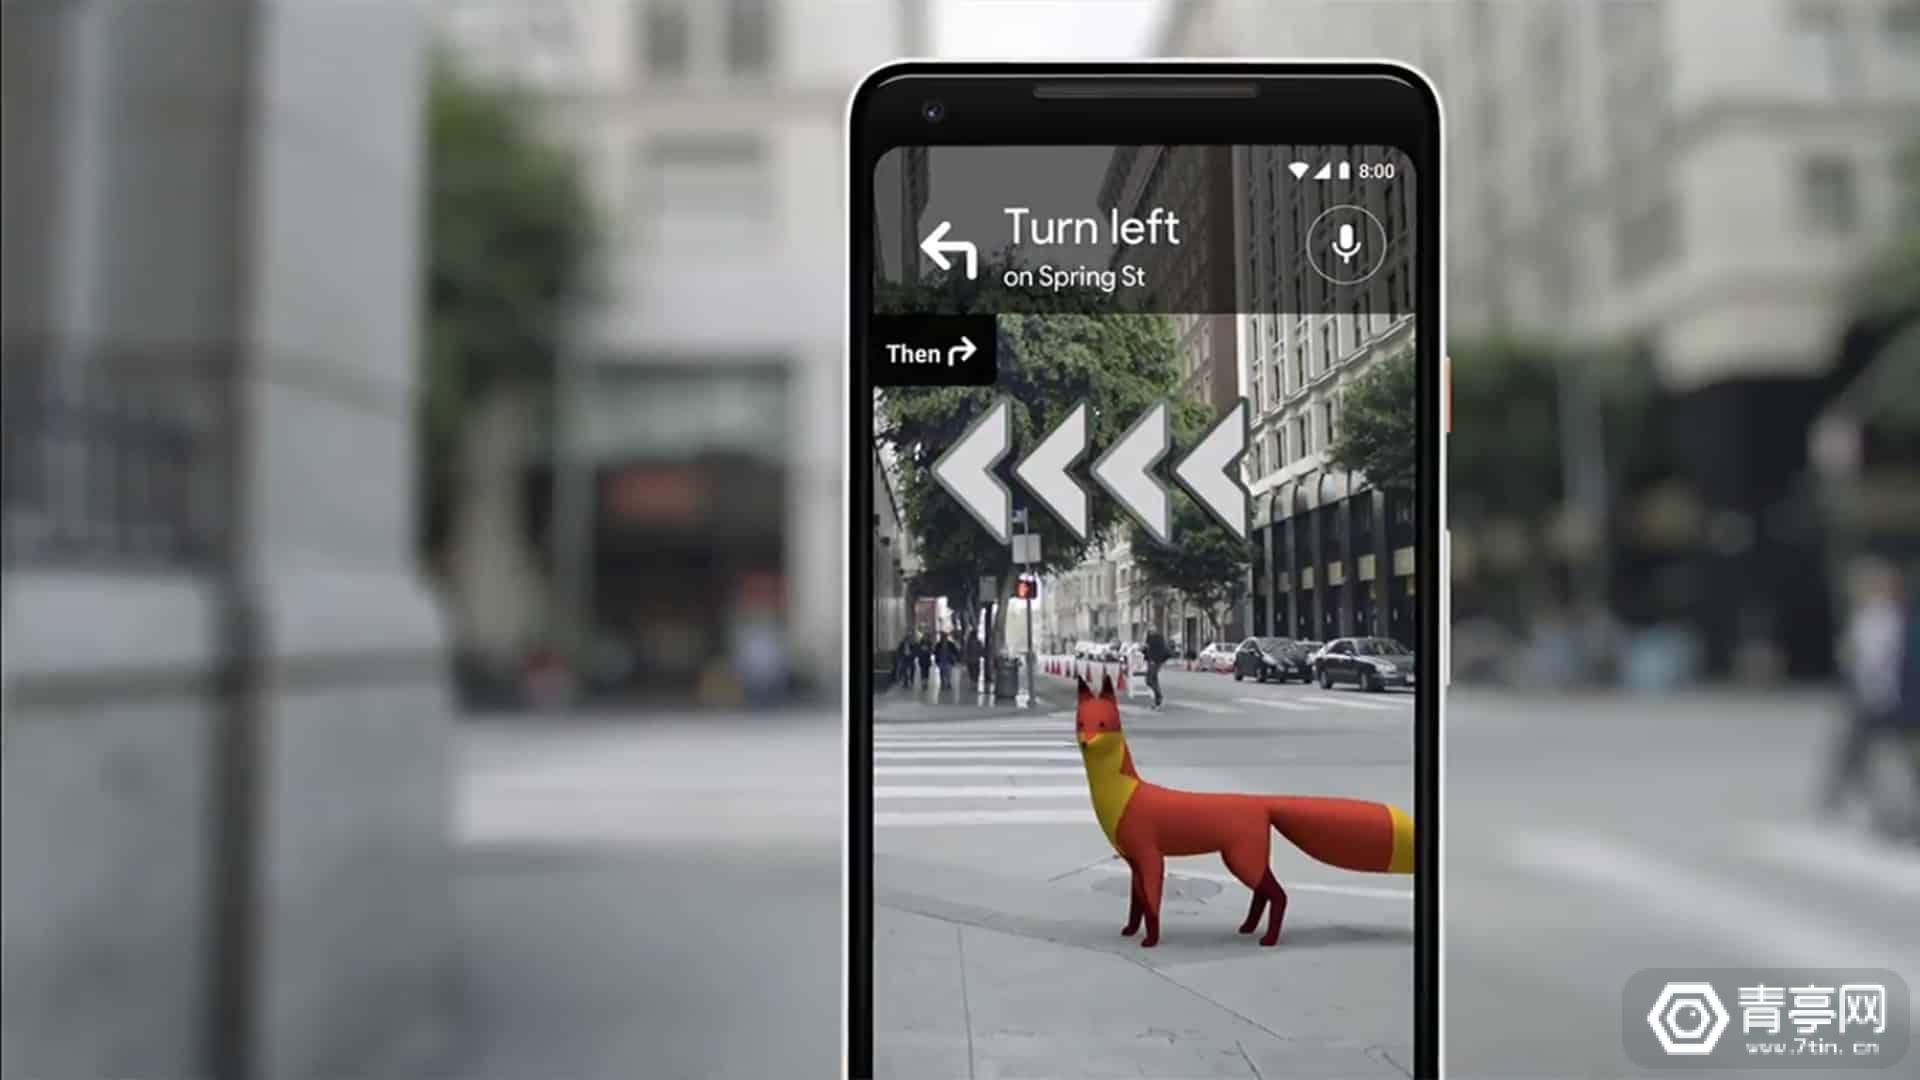 谷歌推实时运动跟踪方案,大幅改善移动物体追踪效果